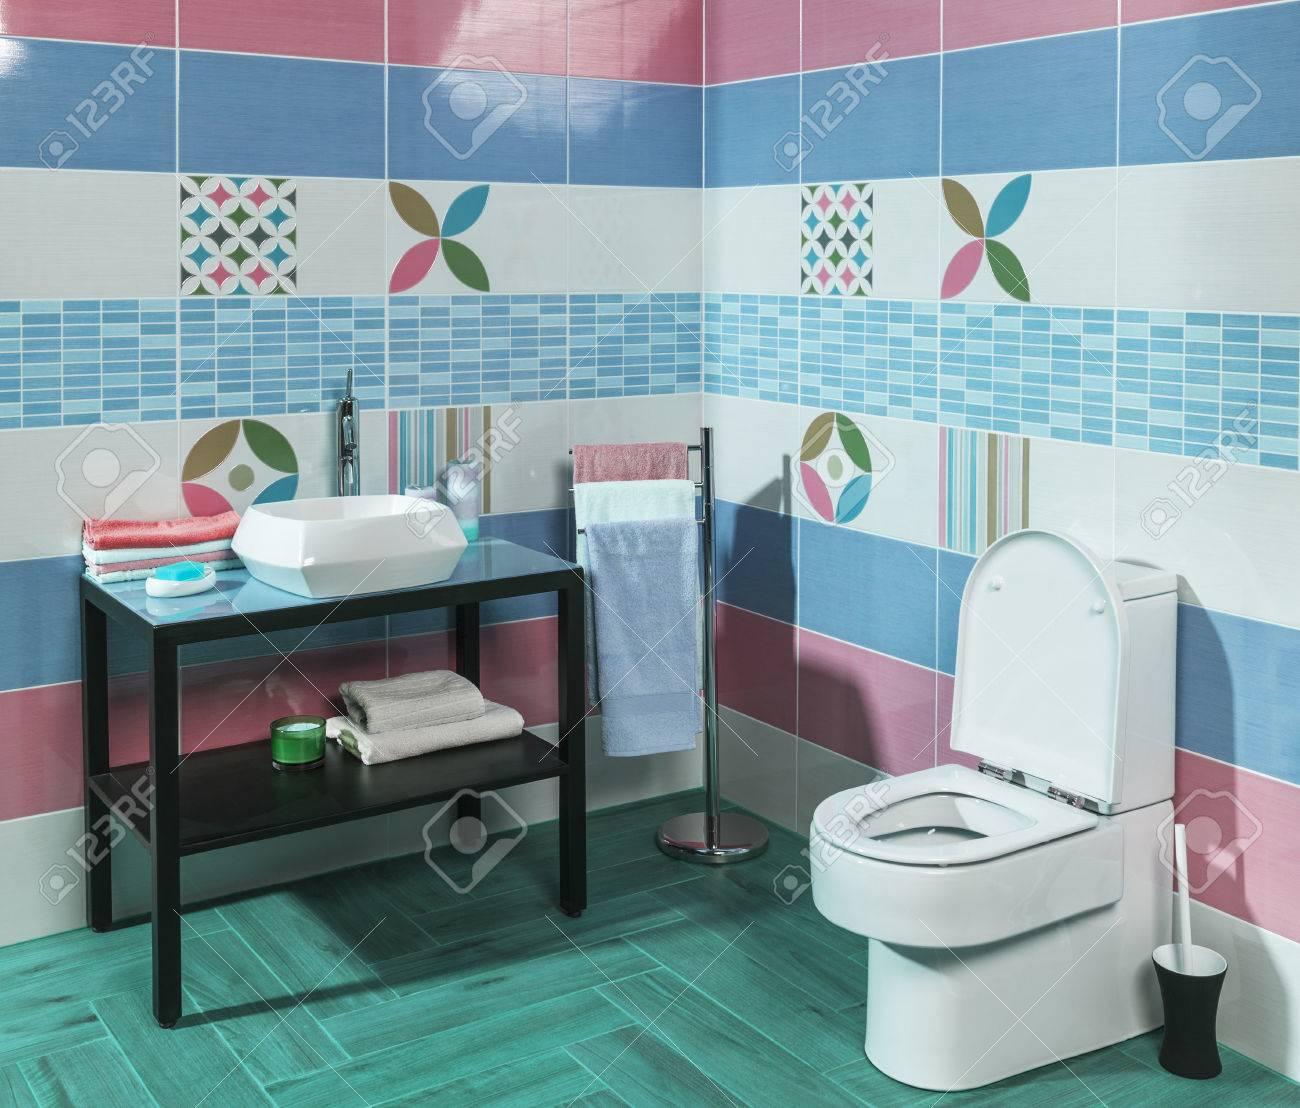 interno della elegante bagno moderno con piastrelle blu e rosa ... - Bagni Colorati Moderni